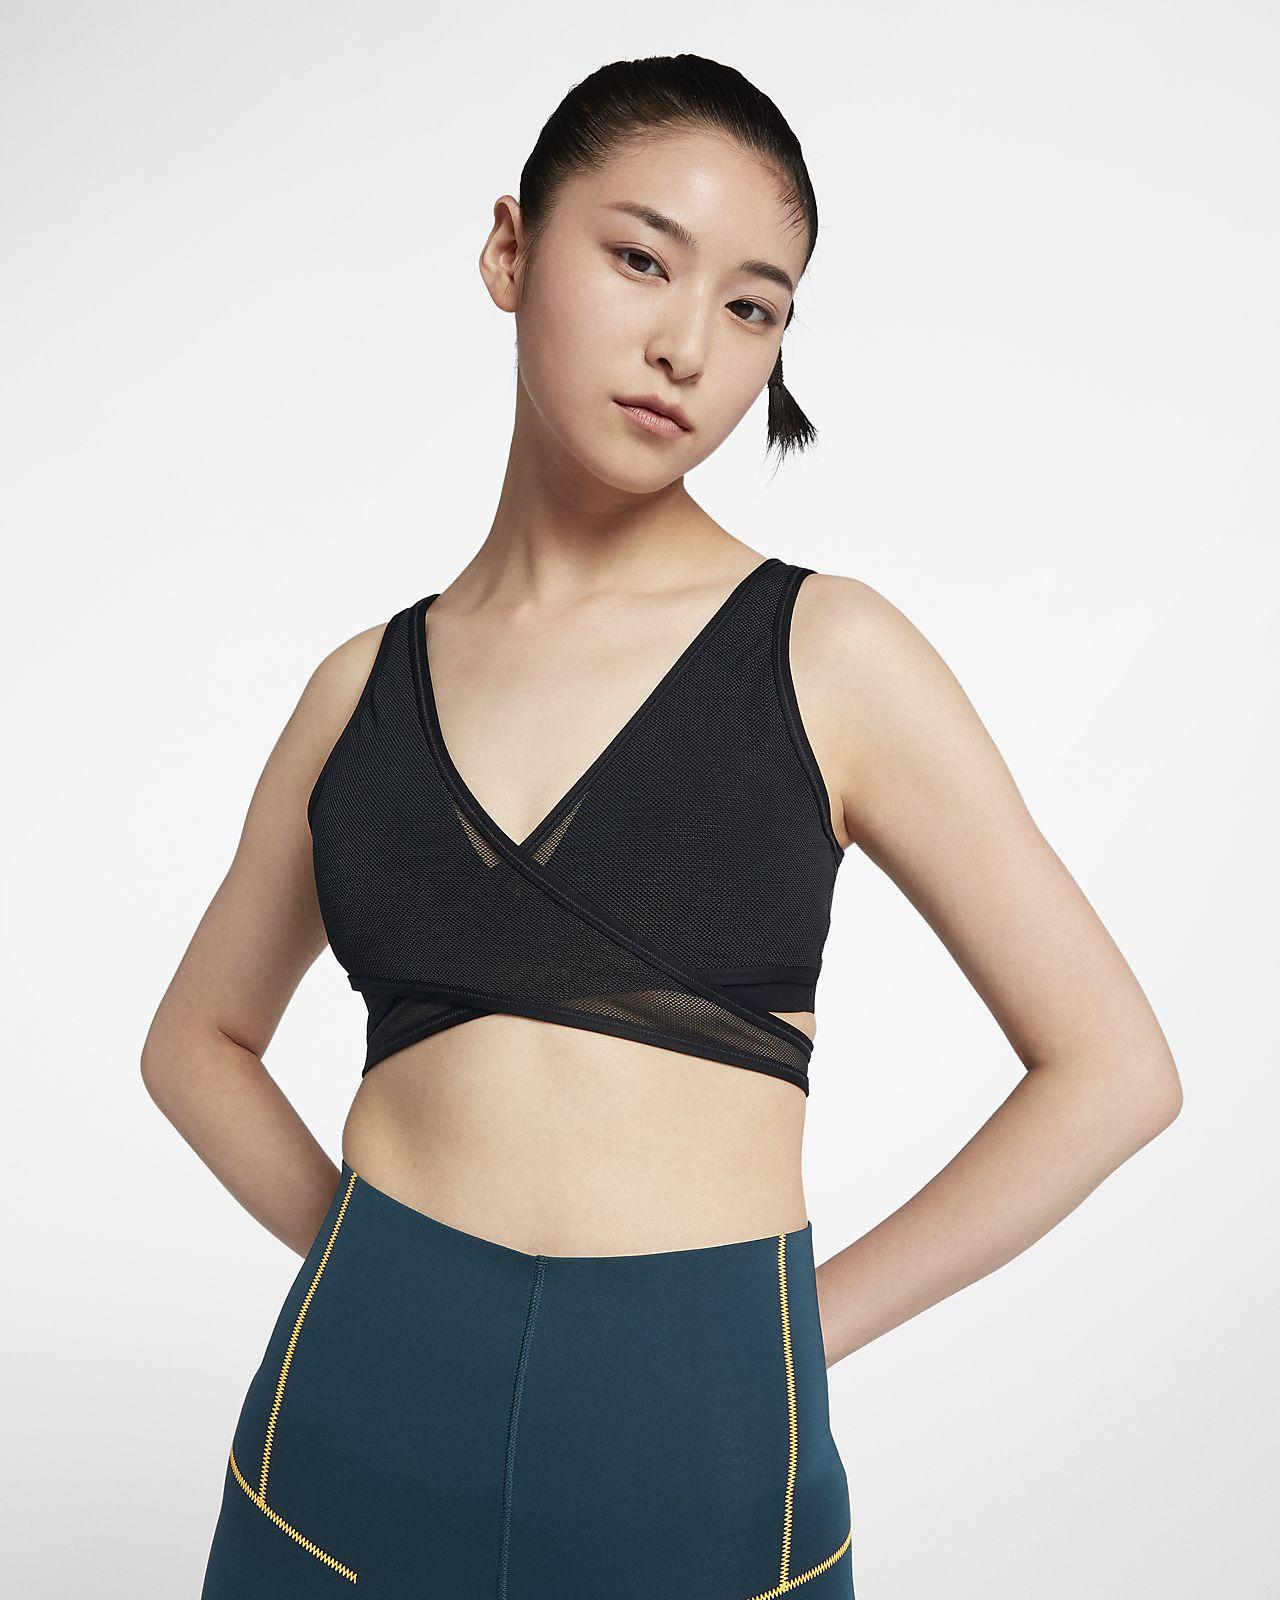 สปอร์ตบราผู้หญิงมีตาข่ายซัพพอร์ตระดับต่ำ Nike Air